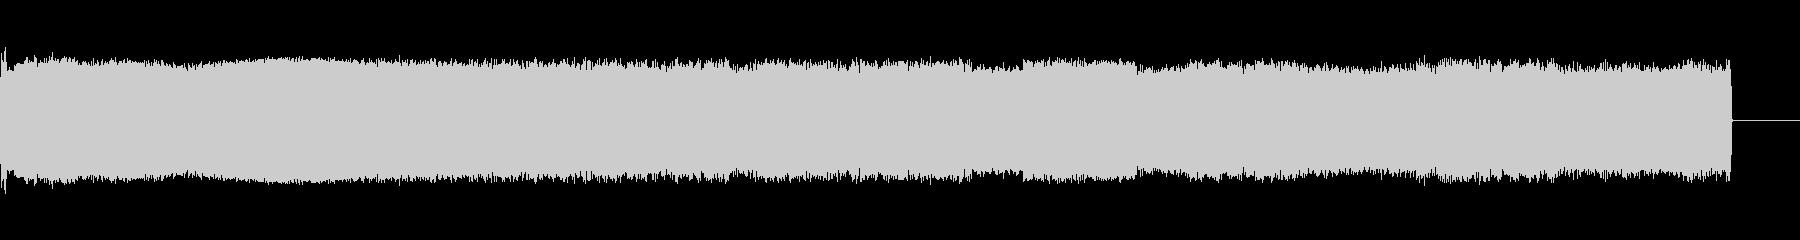 コンピュータースパイクタイプ1の未再生の波形